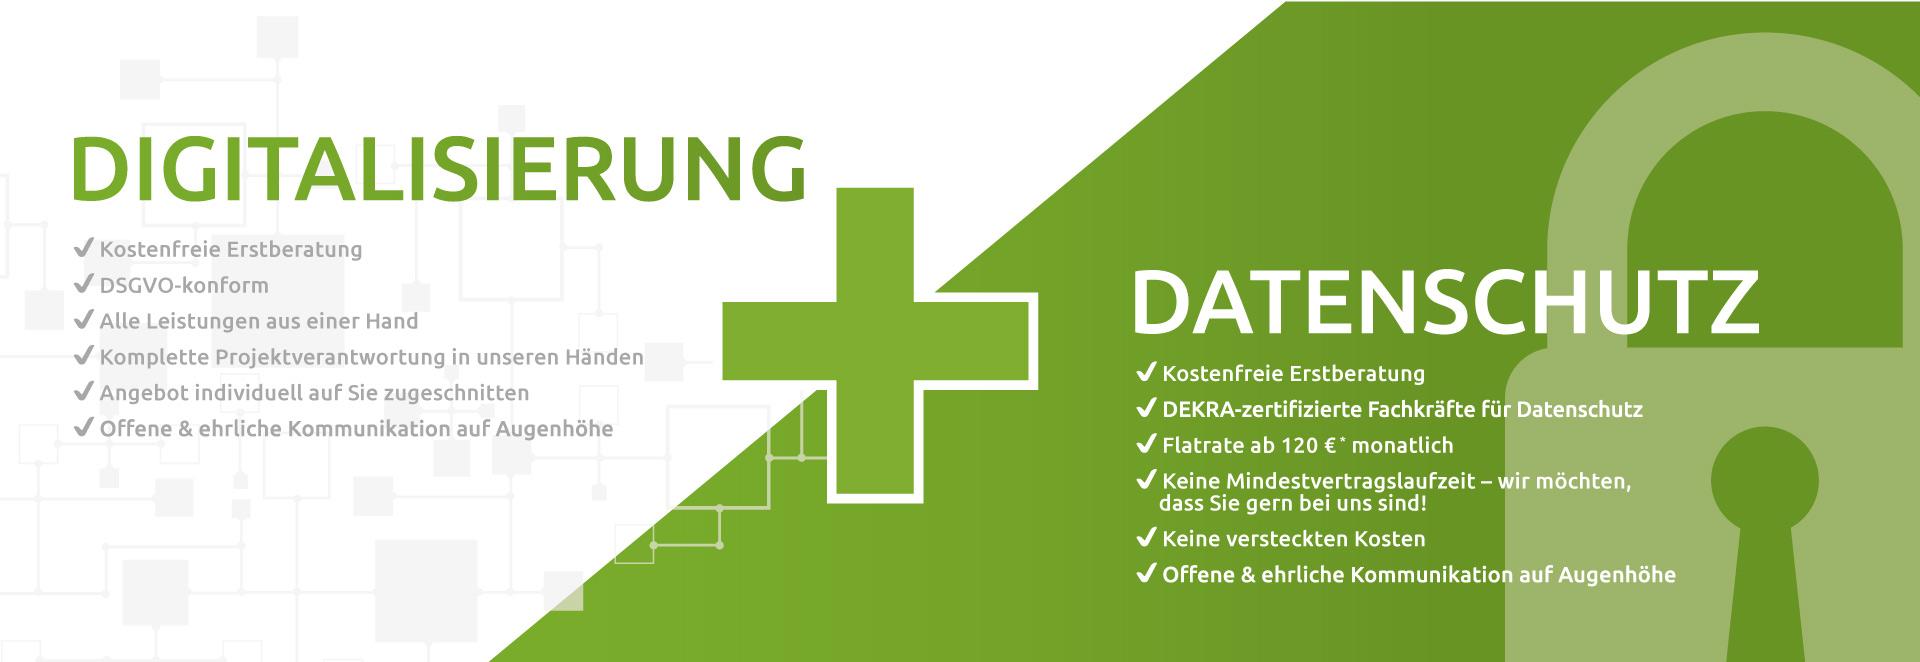 Digitalisierung-und-Datenschutz